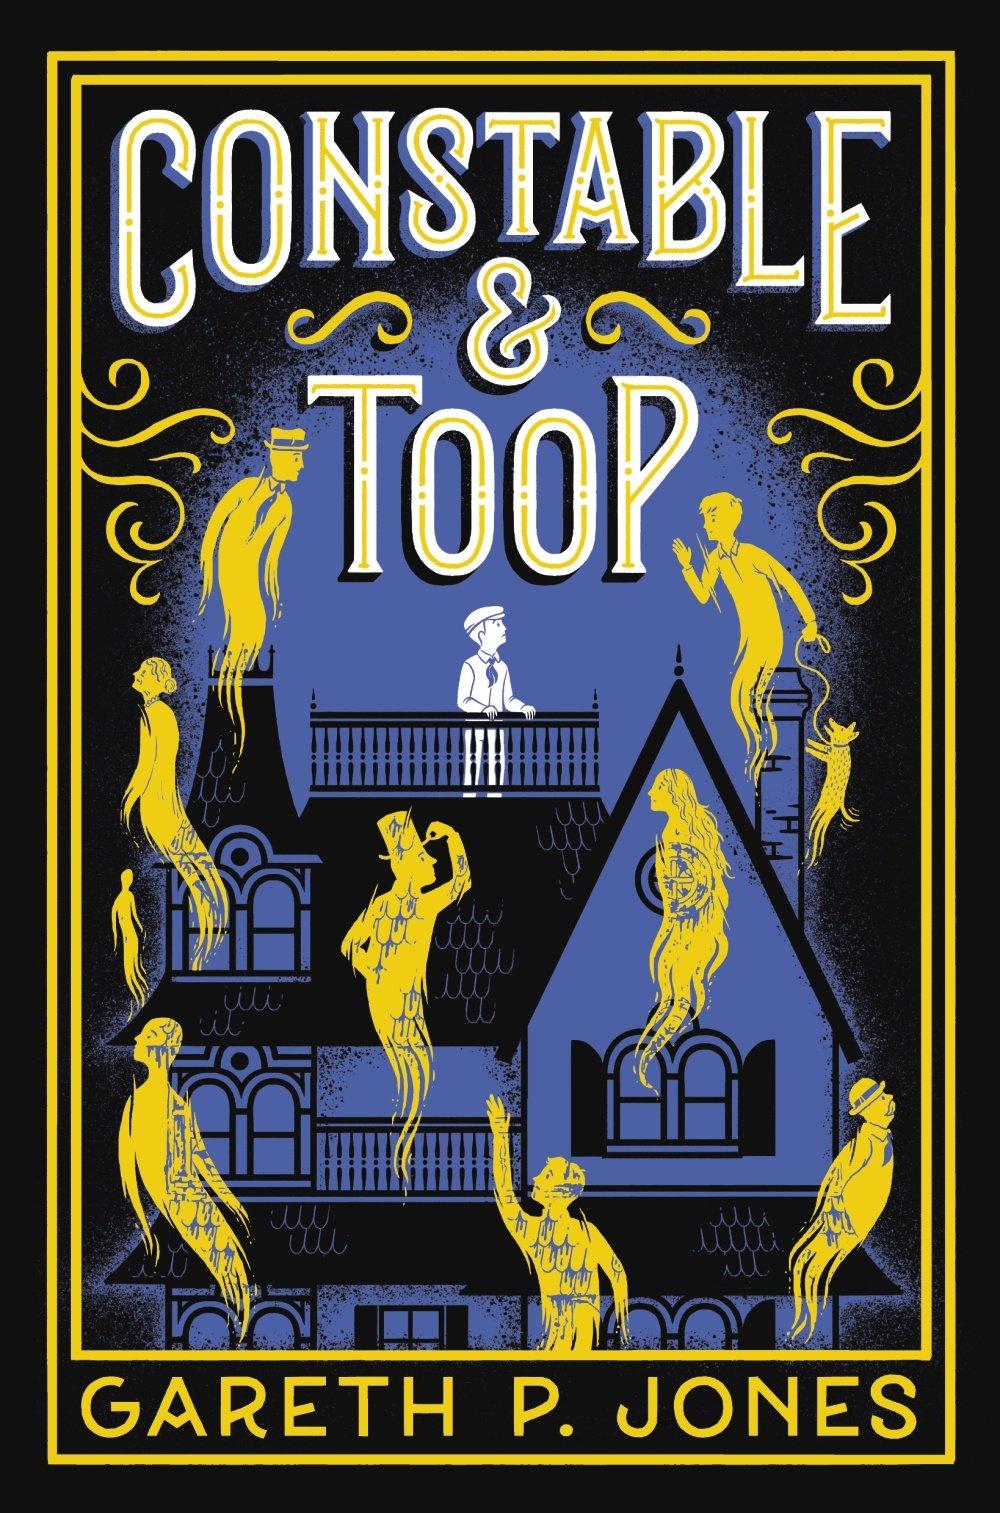 Constable & Toop Literatura Juvenil A Partir De 12 Años - Narrativa Juvenil:  Amazon.es: Gareth P. Jones, Adolfo Muñoz: Libros